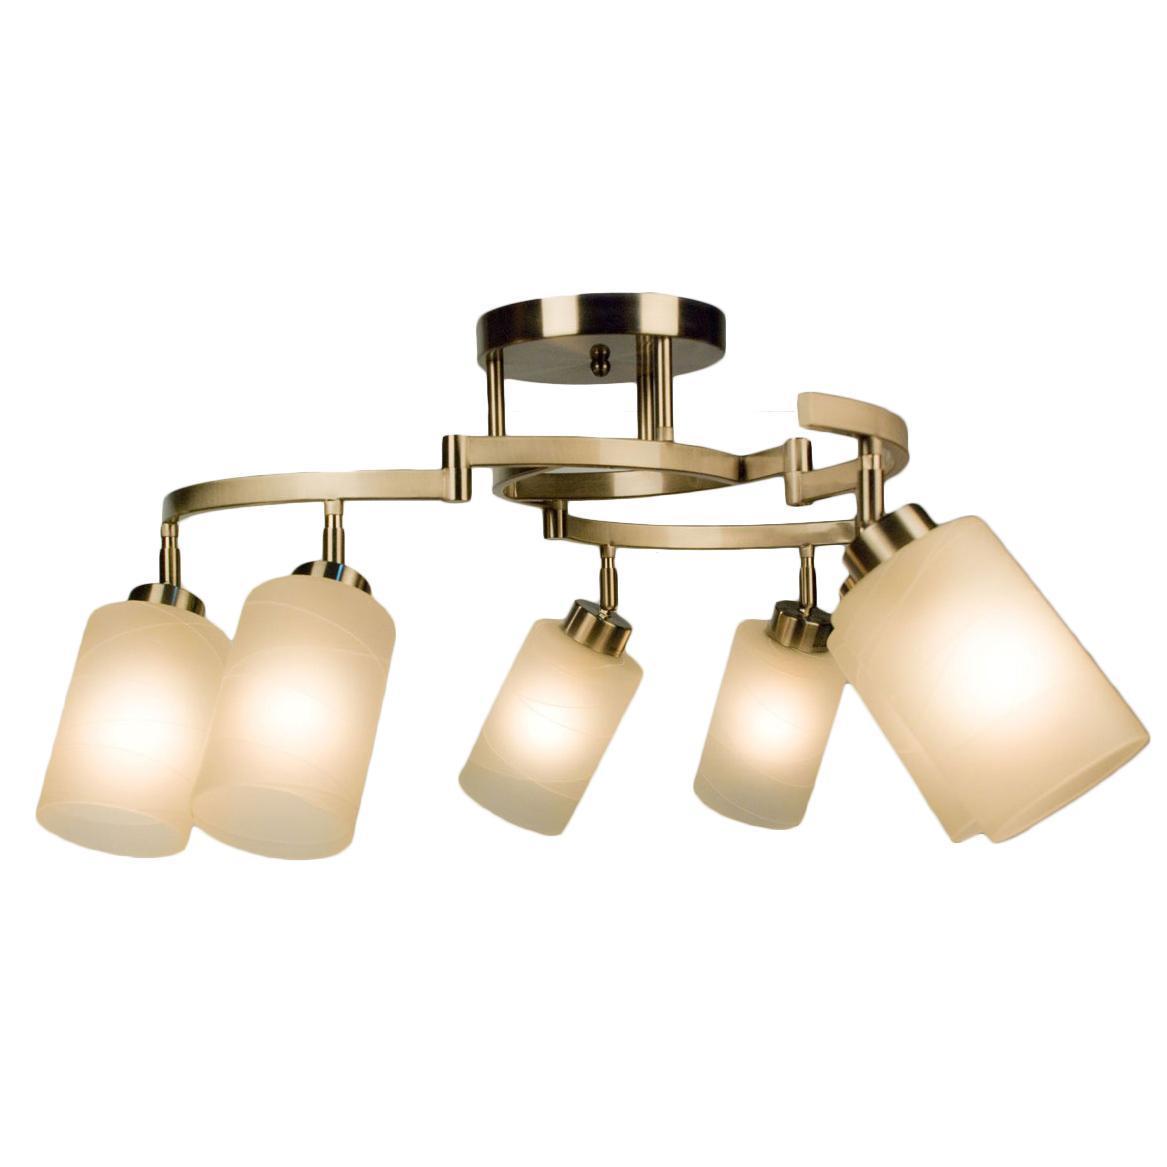 Люстра CitiluxЛюстры<br>Назначение светильника: для гостиной, Стиль светильника: модерн, Тип: потолочная, Материал светильника: металл, стекло, Материал плафона: стекло, Материал арматуры: металл, Длина (мм): 300, Ширина: 300, Диаметр: 740, Высота: 370, Количество ламп: 6, Тип лампы: накаливания, Мощность: 75, Патрон: Е27, Цвет арматуры: серебристый, Родина бренда: Дания<br>